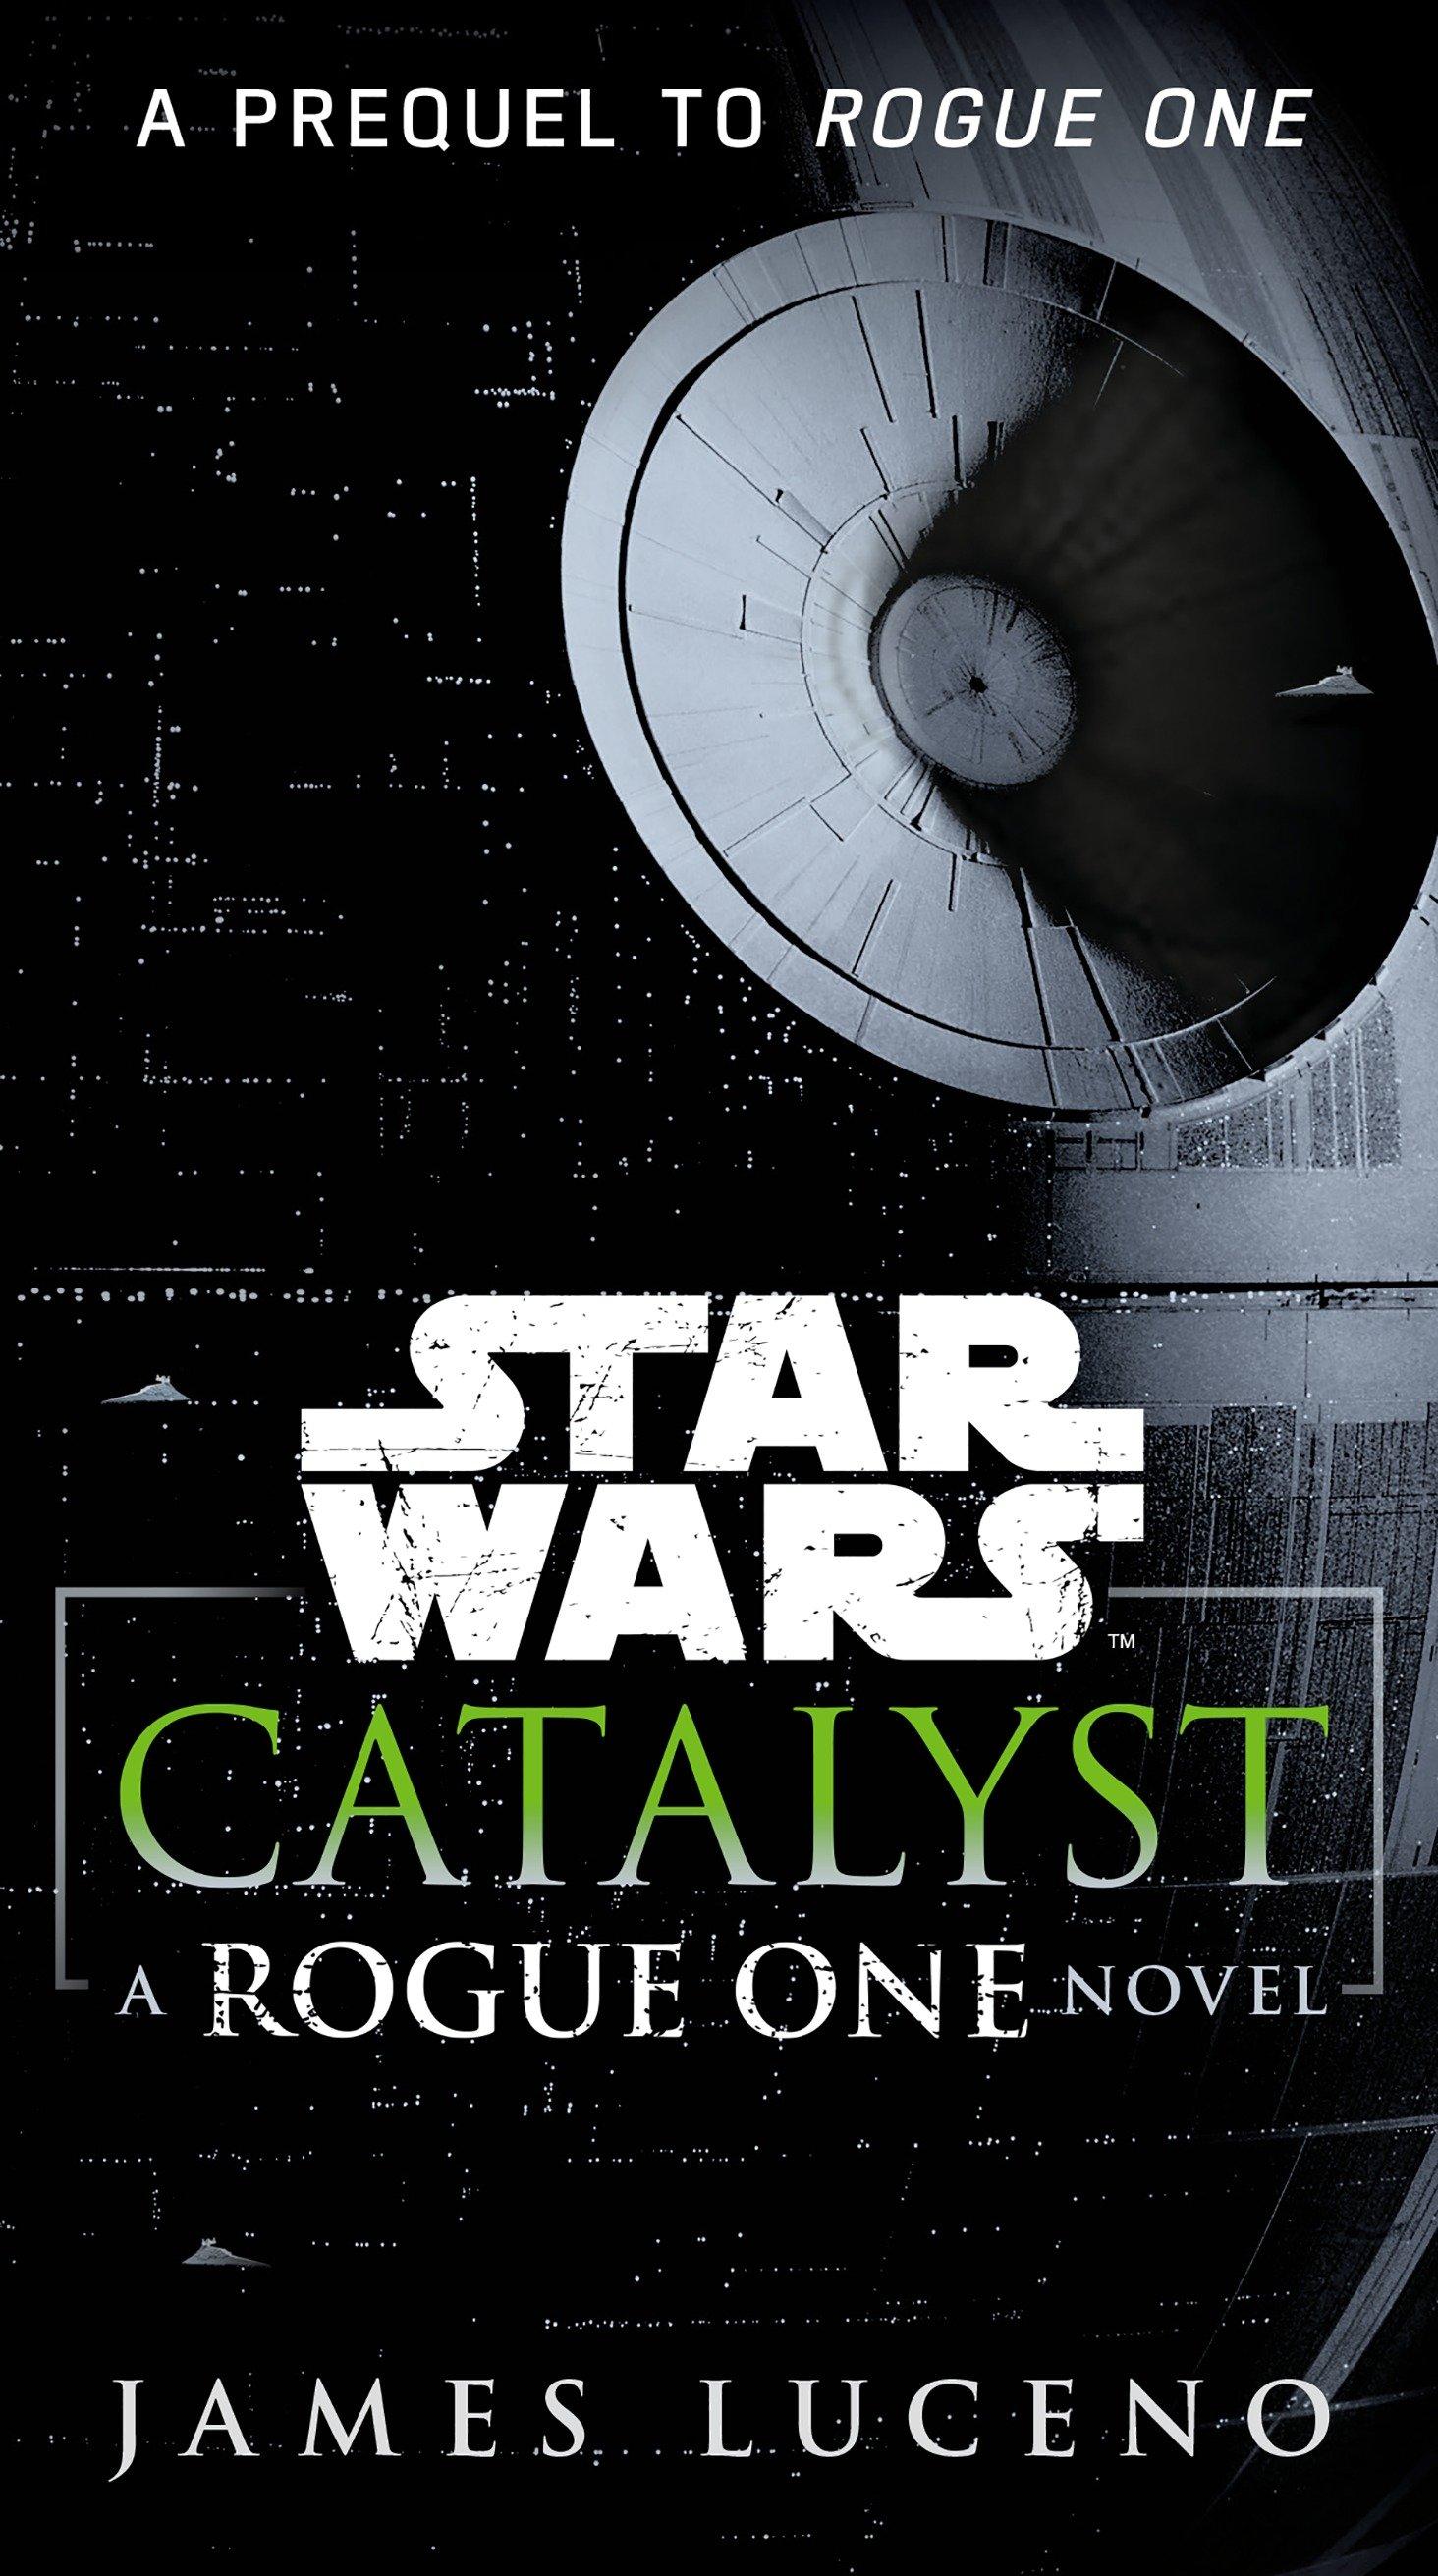 Catalyst (Star Wars) a Rogue One novel